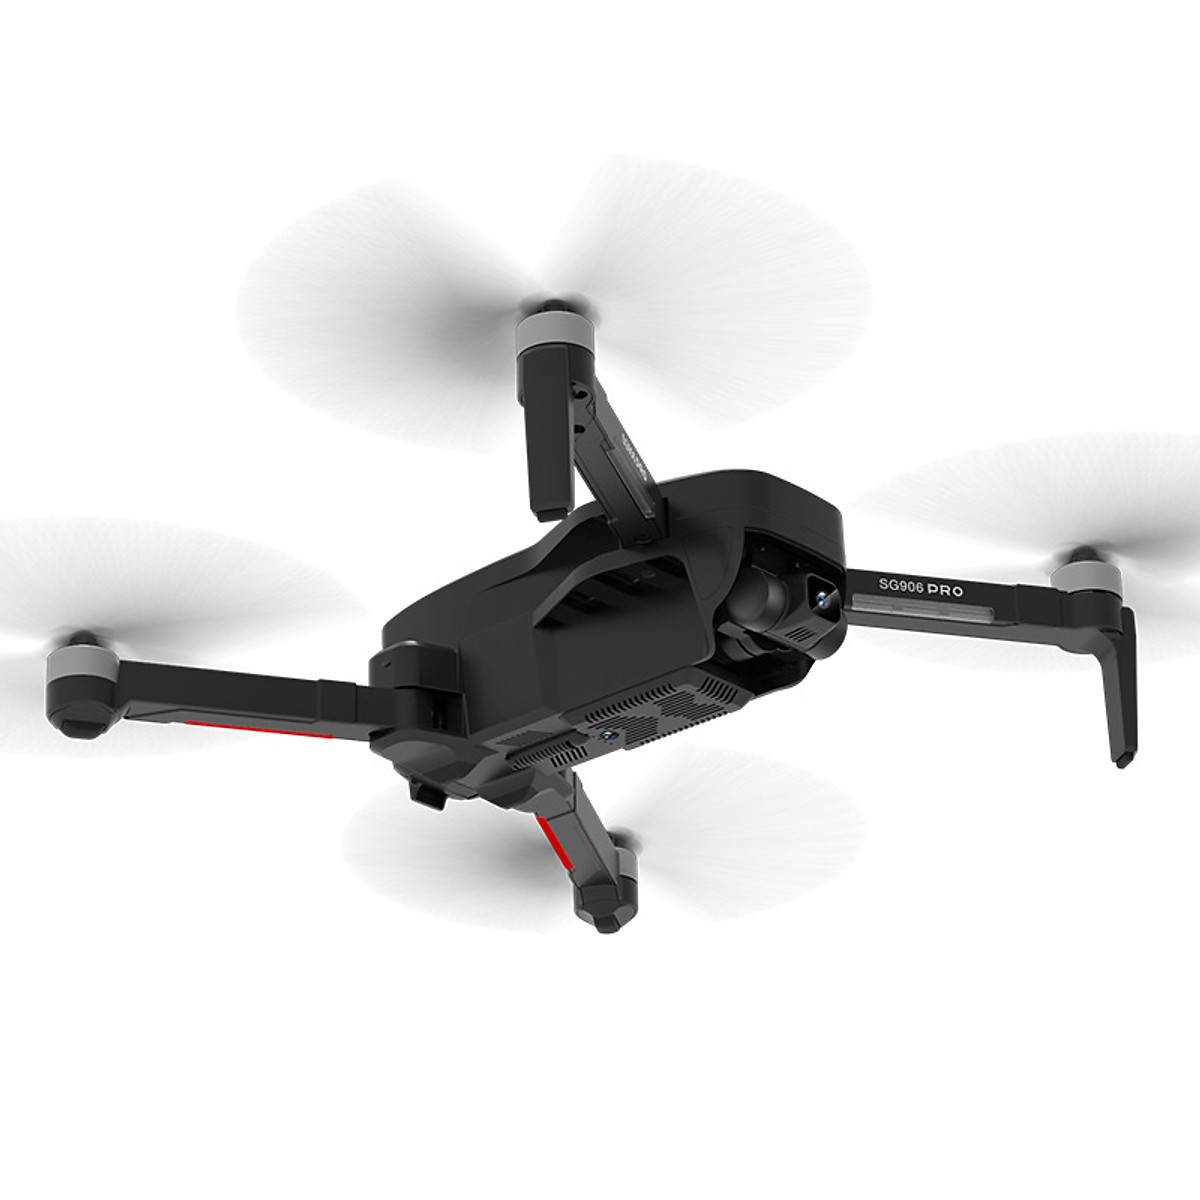 Flycam SG906 PRO 4K 5G wifi FPV - Gimbal cơ 2 trục - Động cơ không chổi  than - Hàng Chính Hãng   Linh Kiện Store